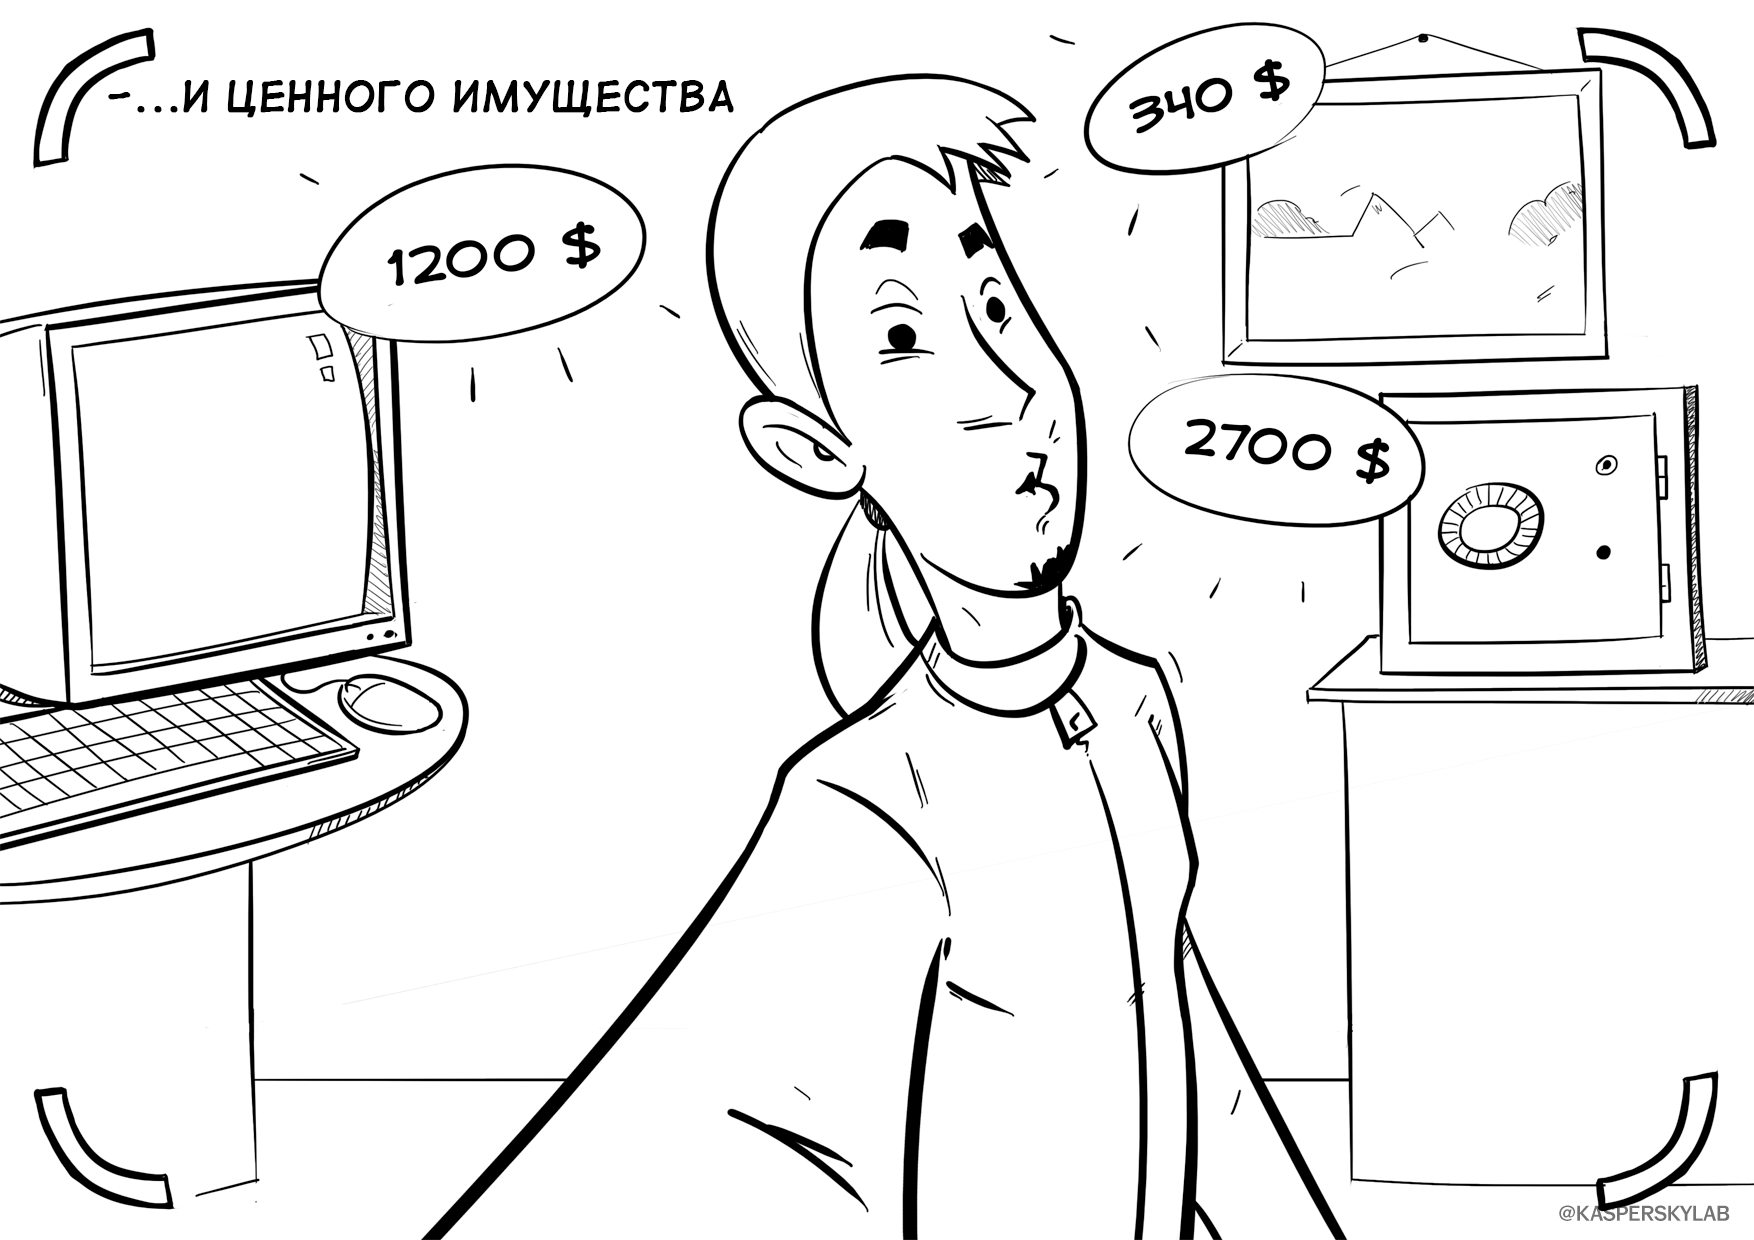 Справочник по выживанию в кибермире: личные данные